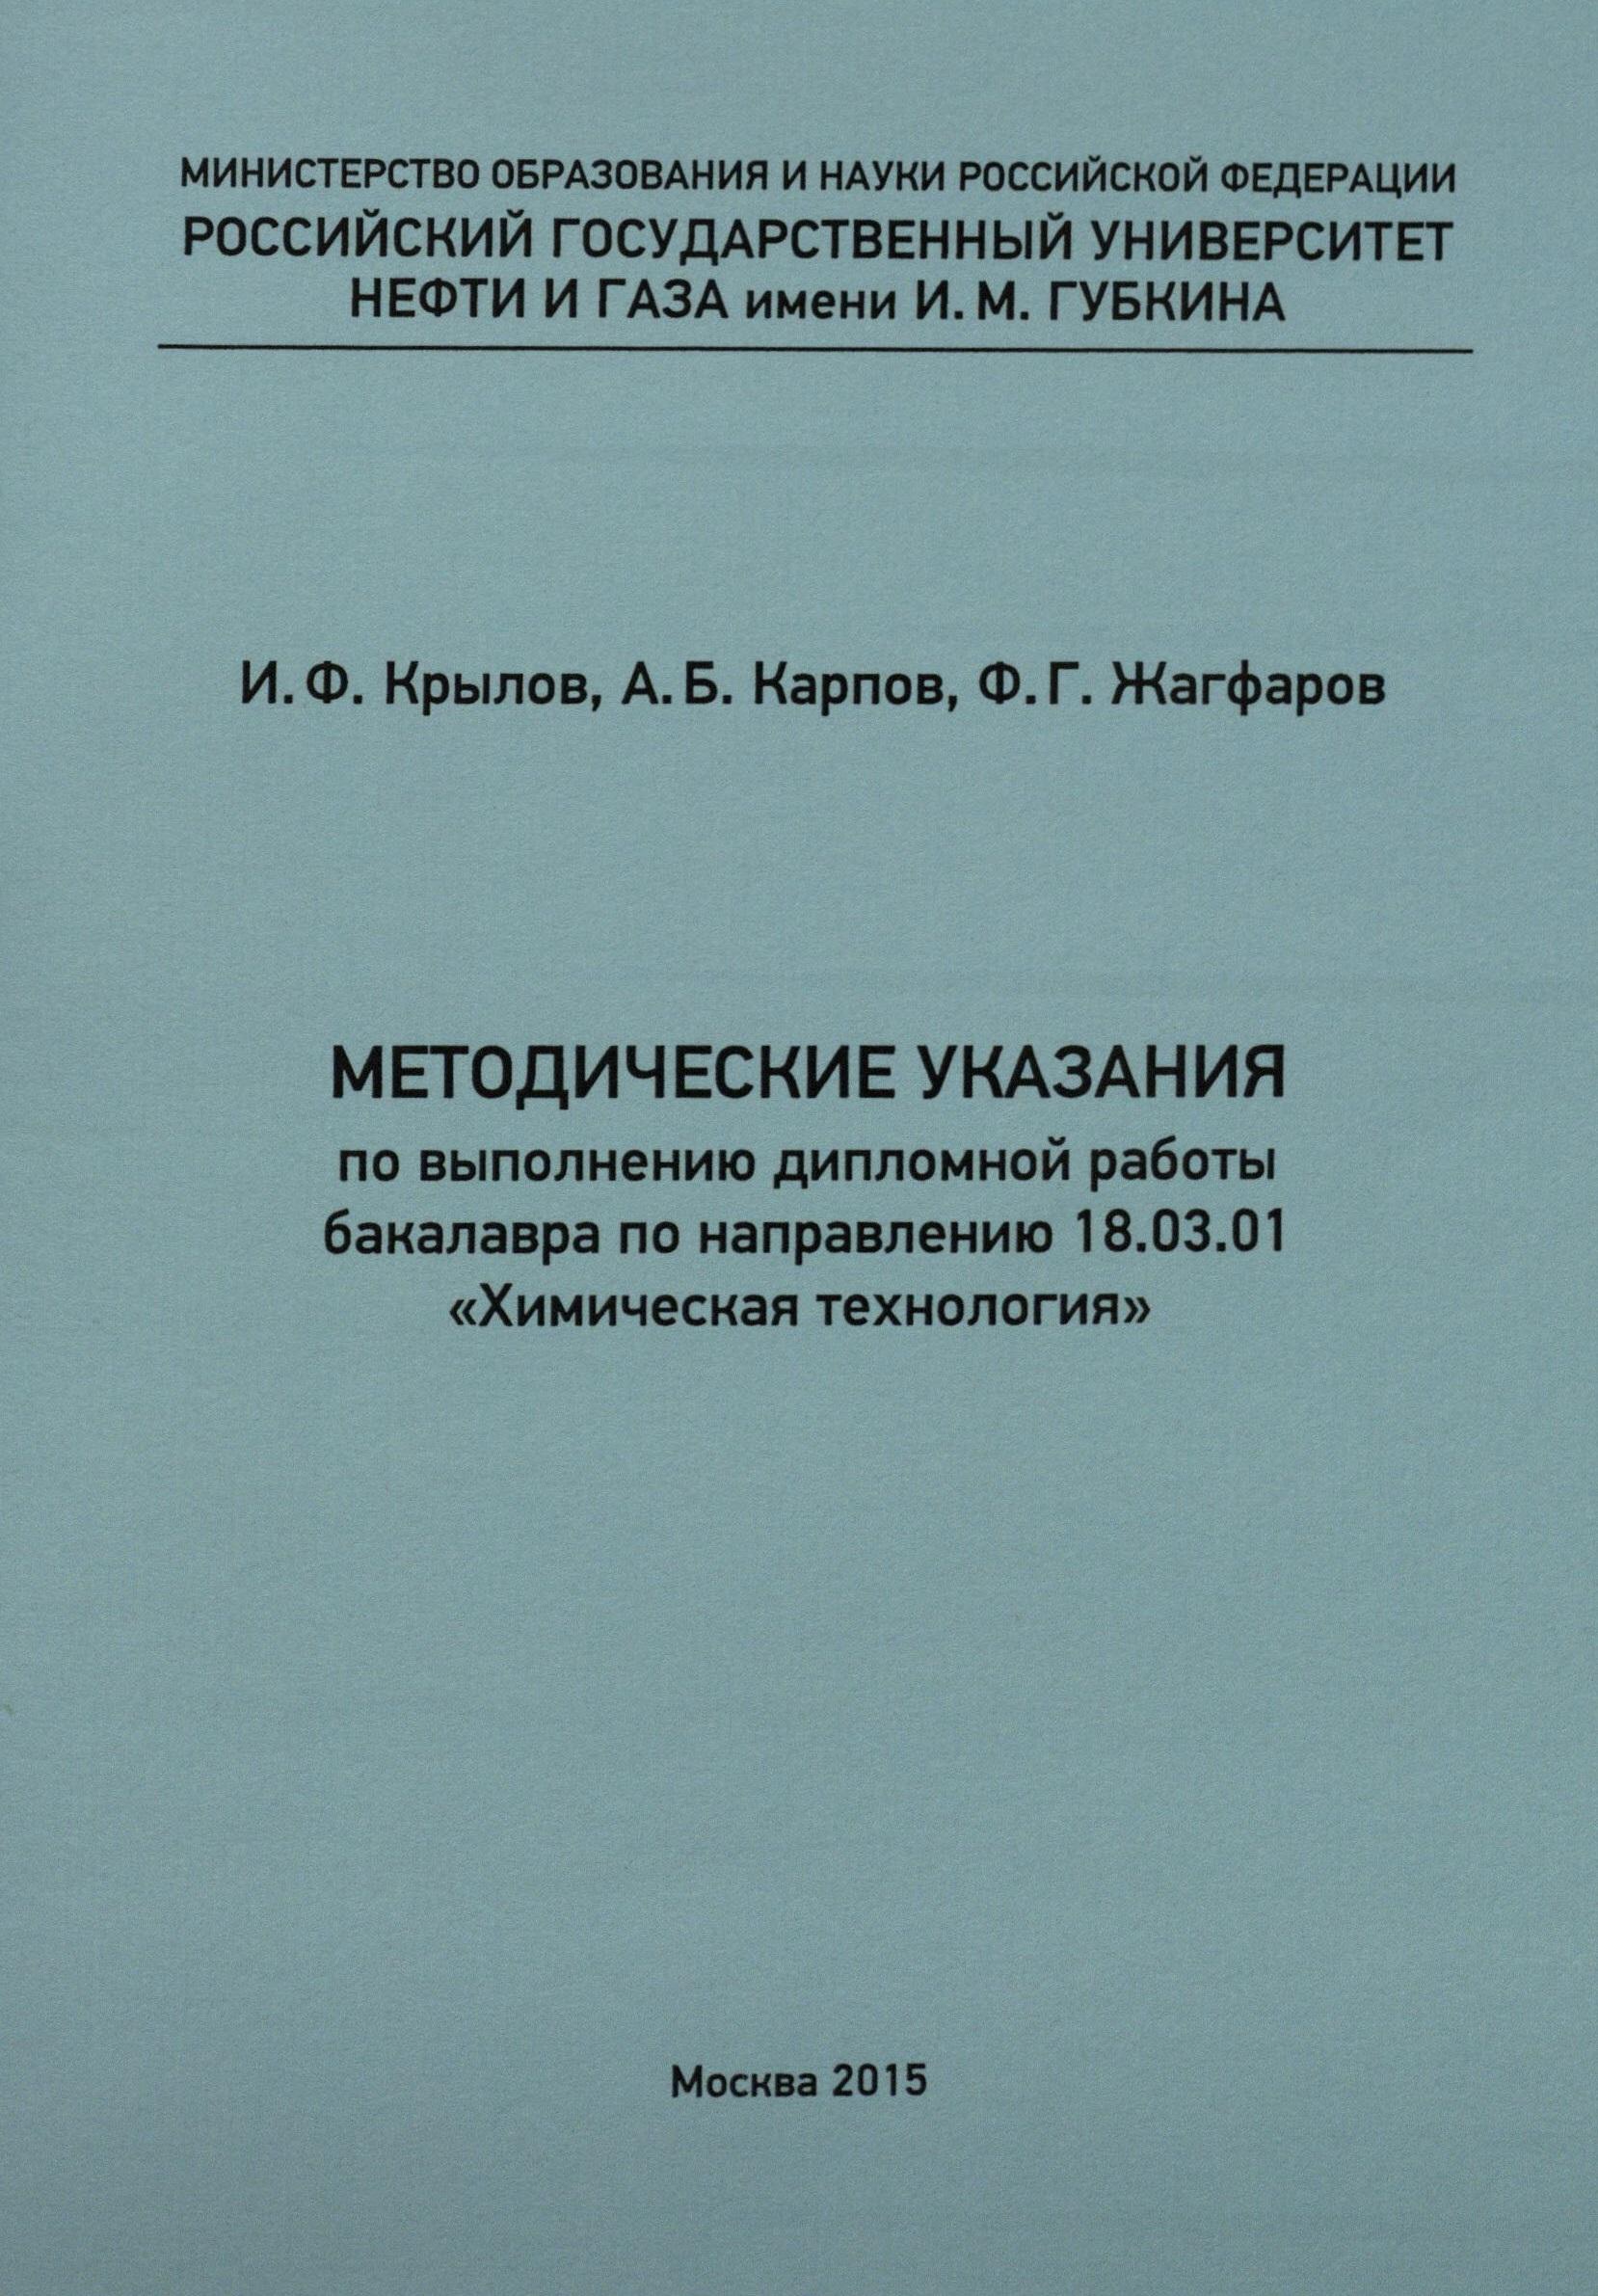 Методические указания по выполнению дипломной работы бакалавра по  Методические указания по выполнению дипломной работы бакалавра по направлению 18 03 01 Химическая технология